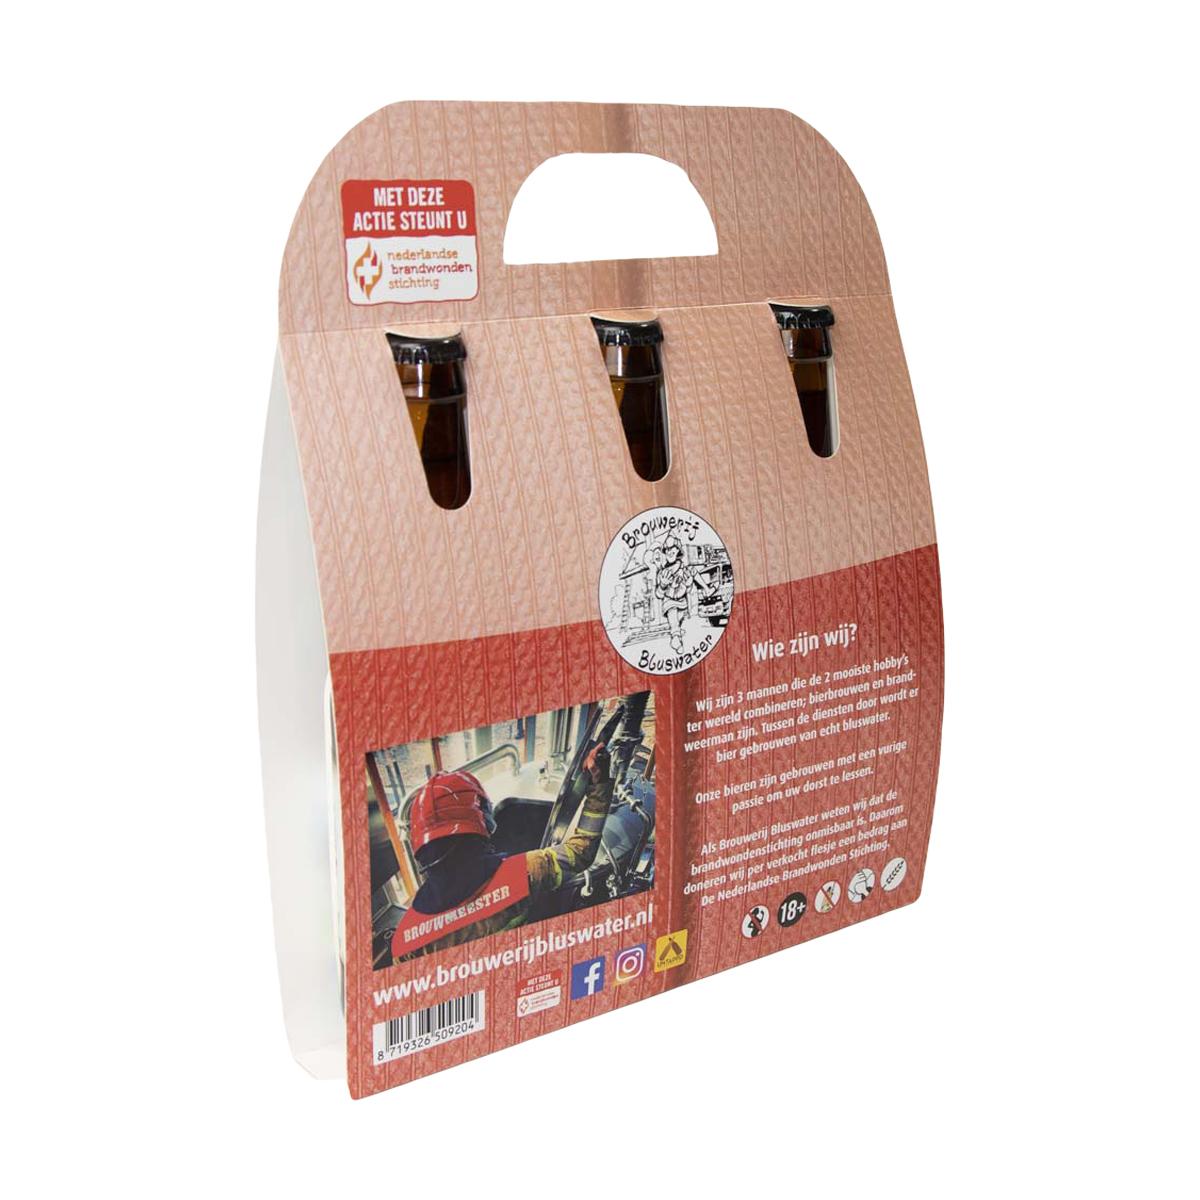 Bluswater-Bier-Pakket-3-Rear-Side